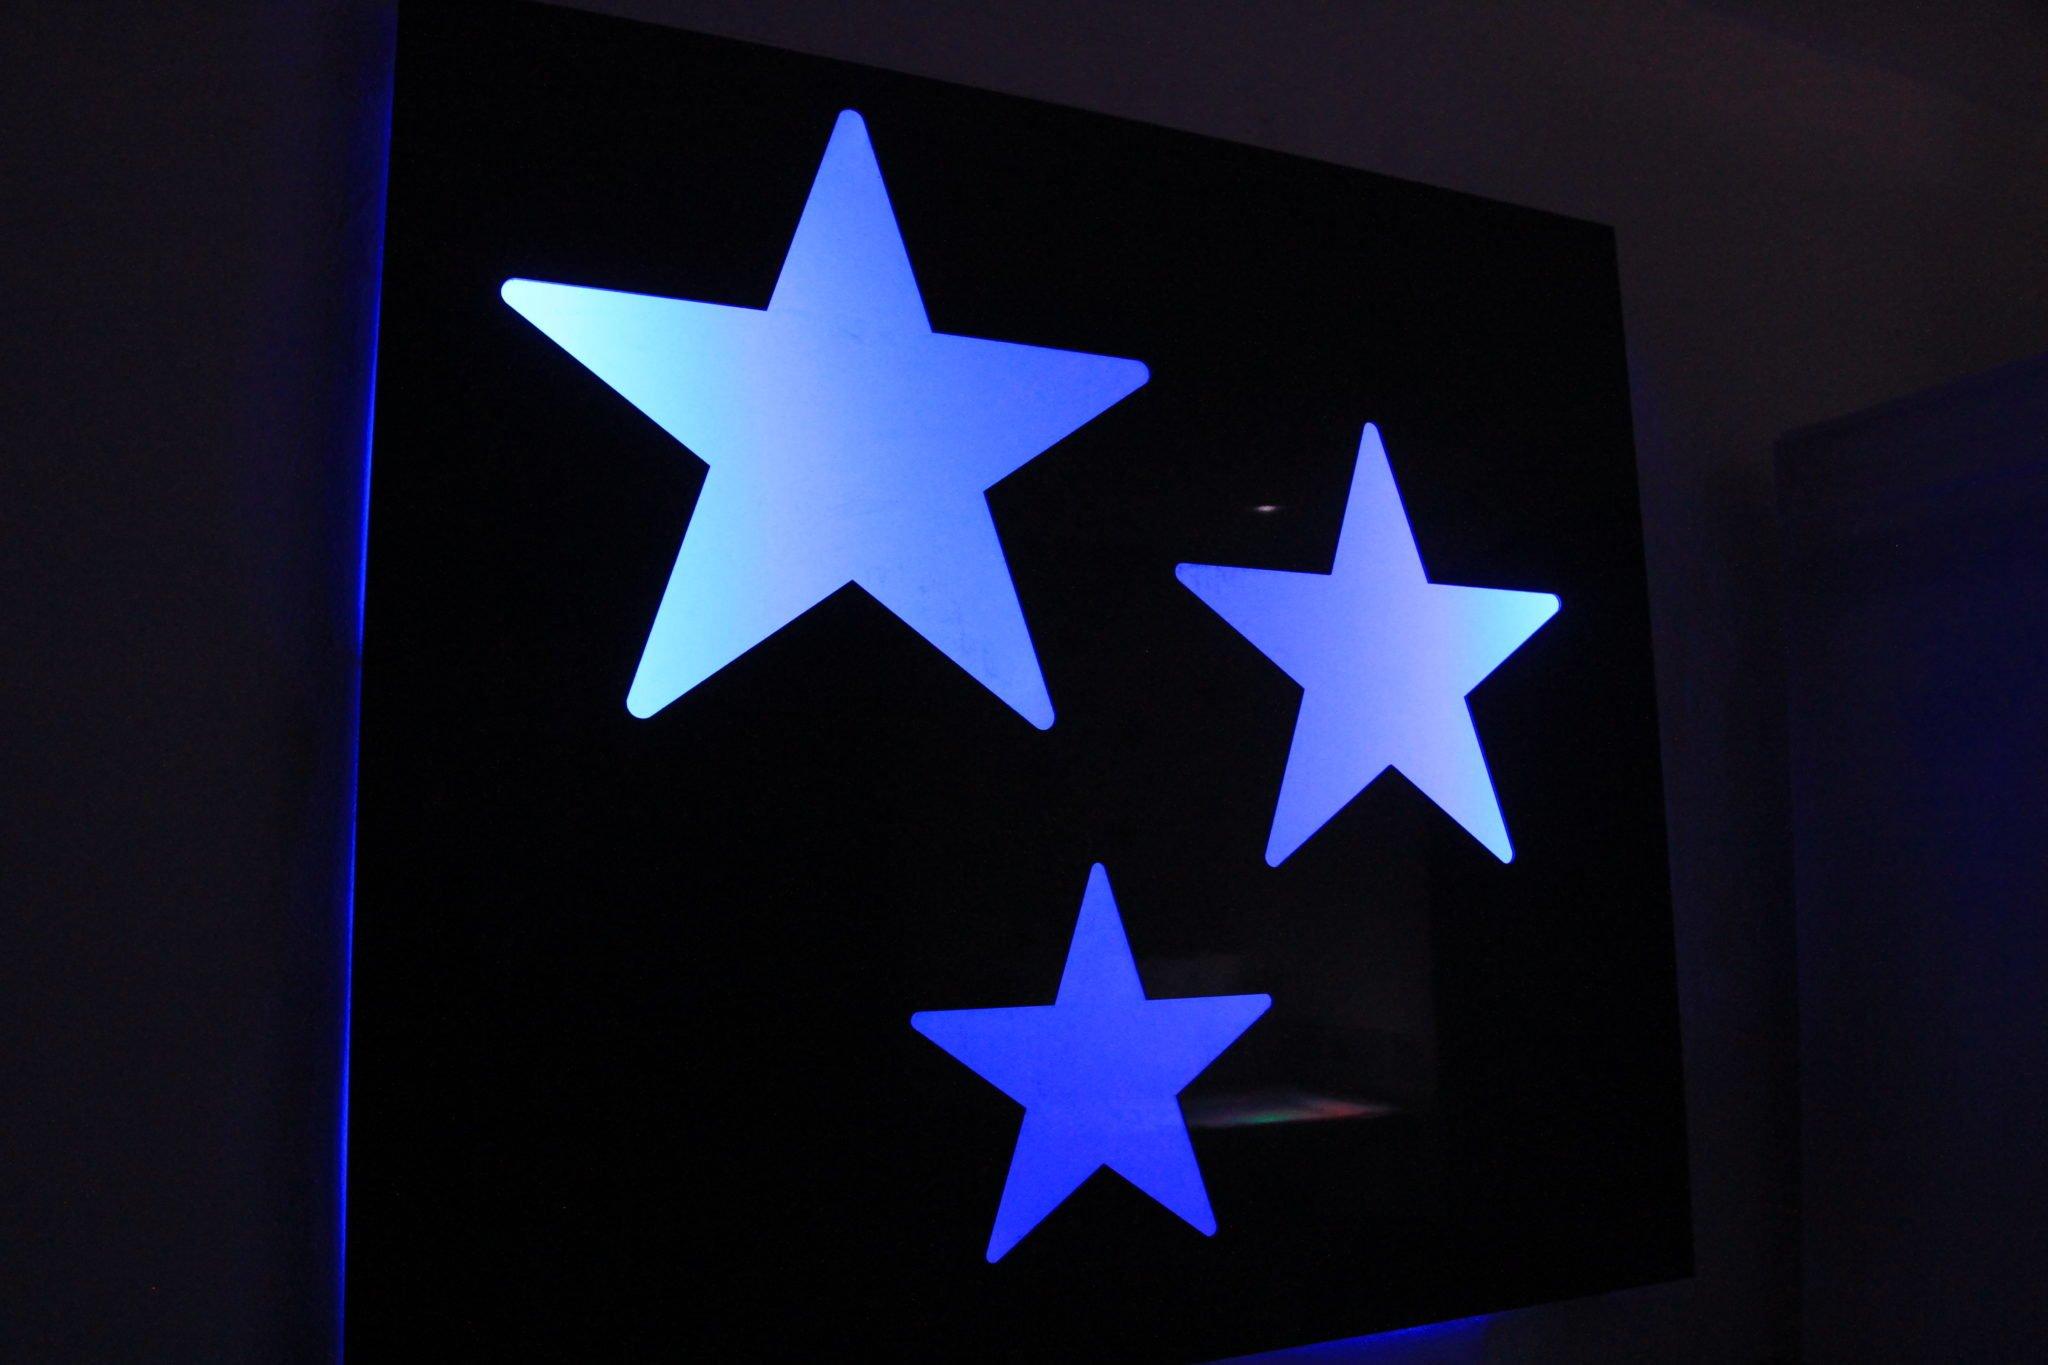 LED custom panel